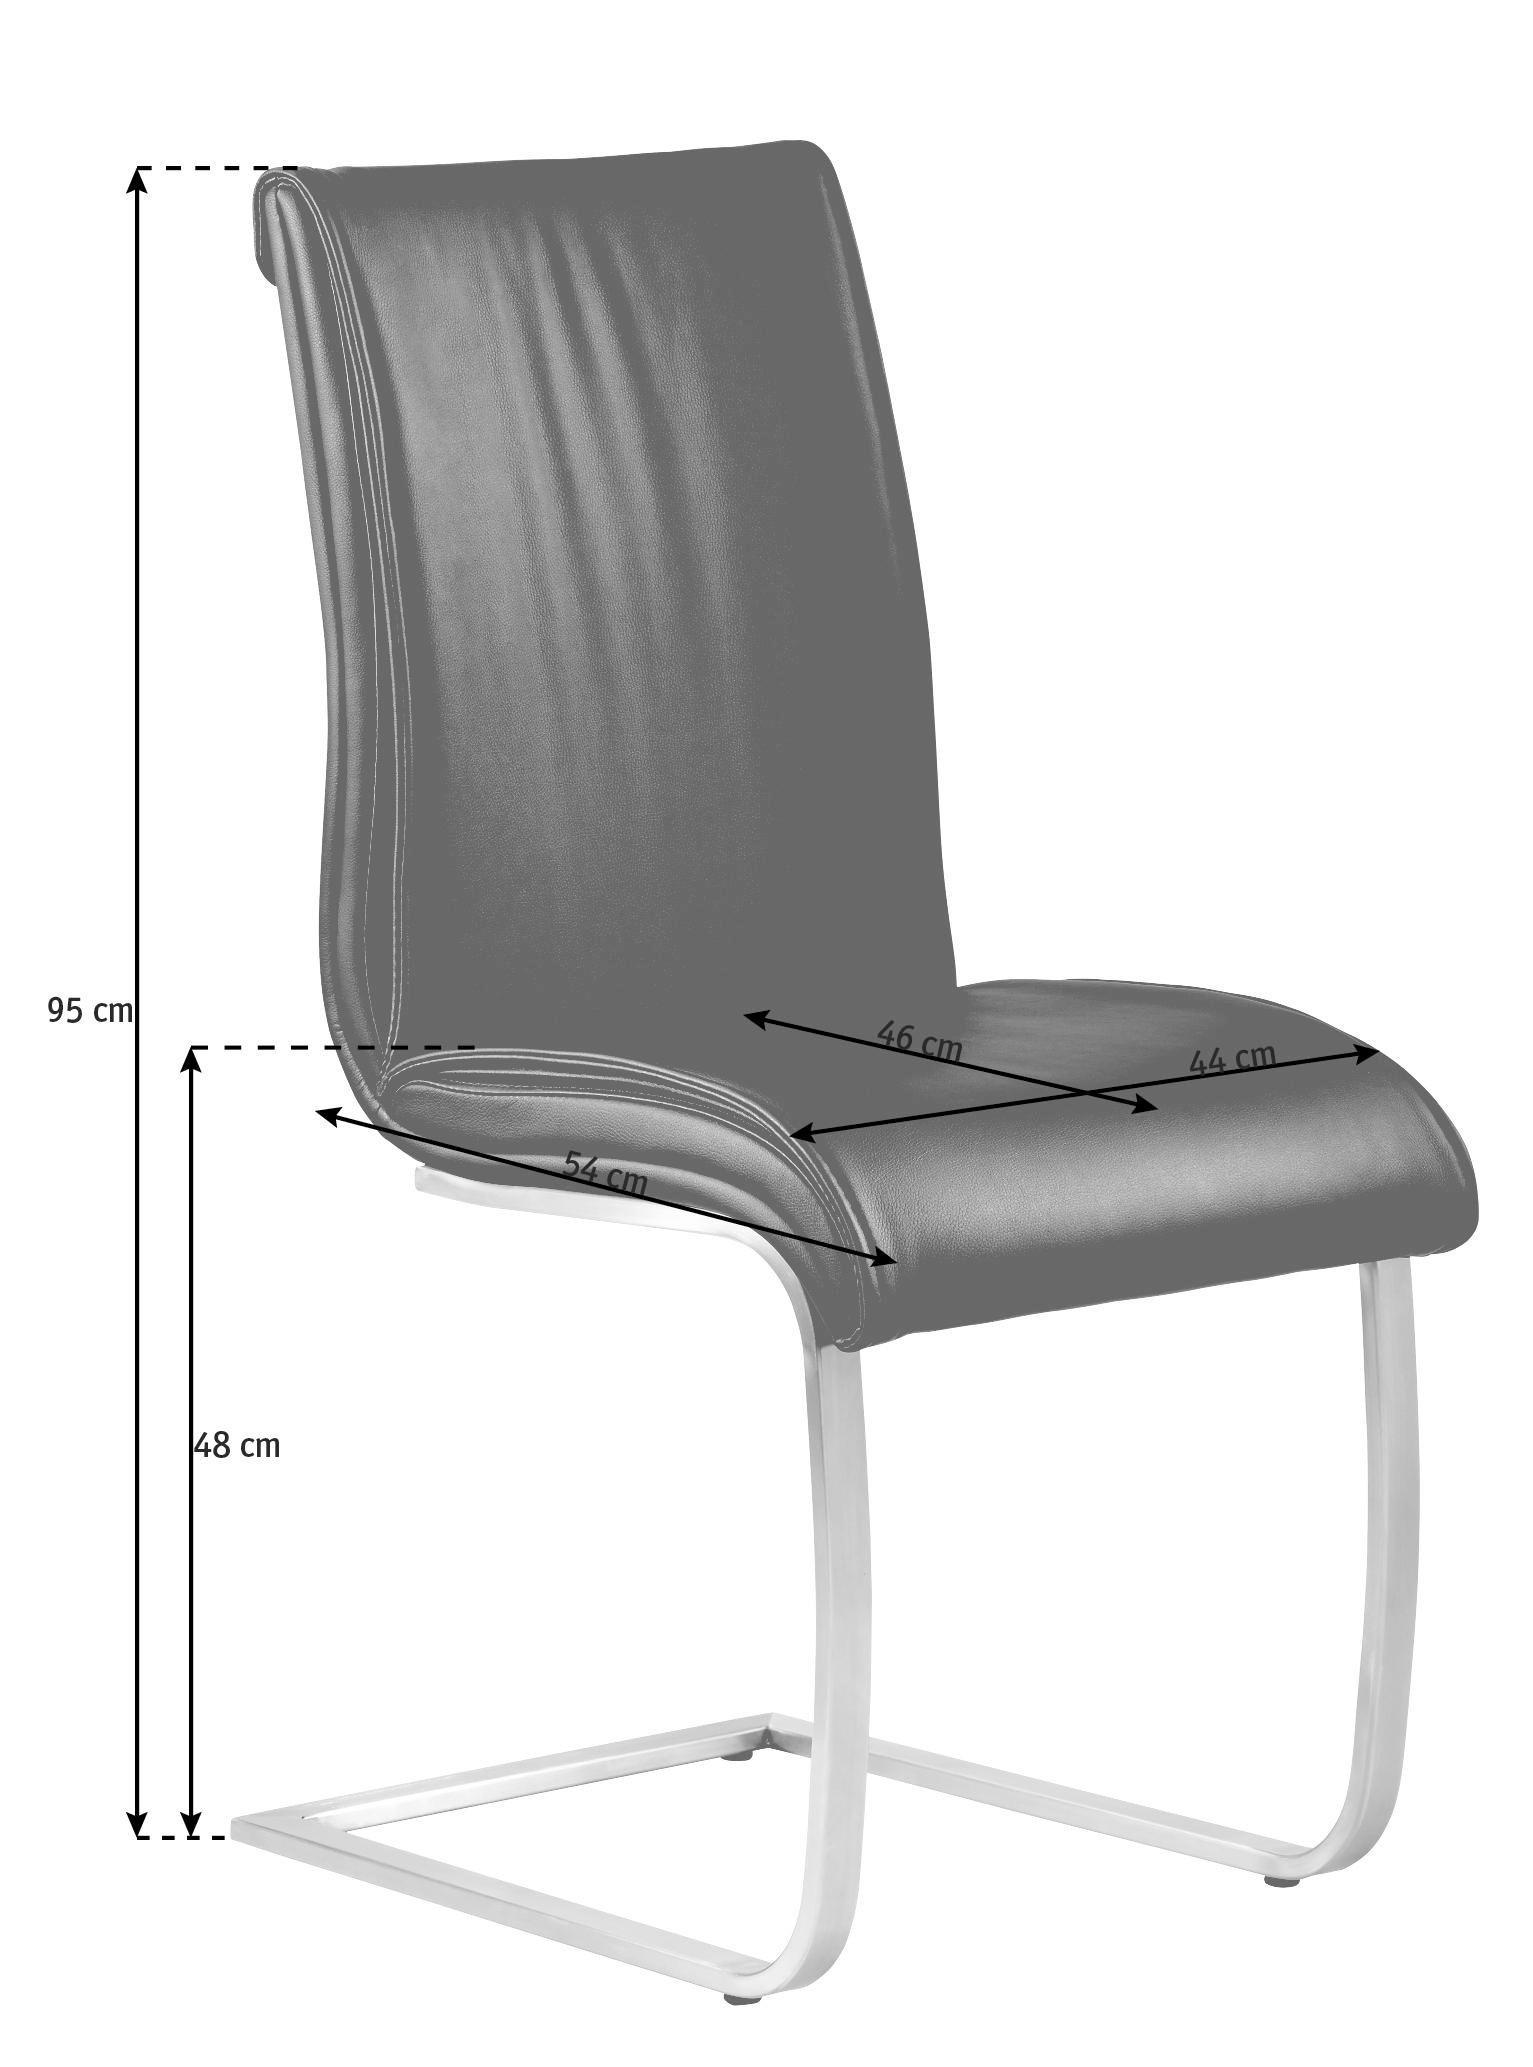 SCHWINGSTUHL Lederlook Schwarz - Schwarz, Design, Textil/Metall (44/95/54cm) - VALDERA